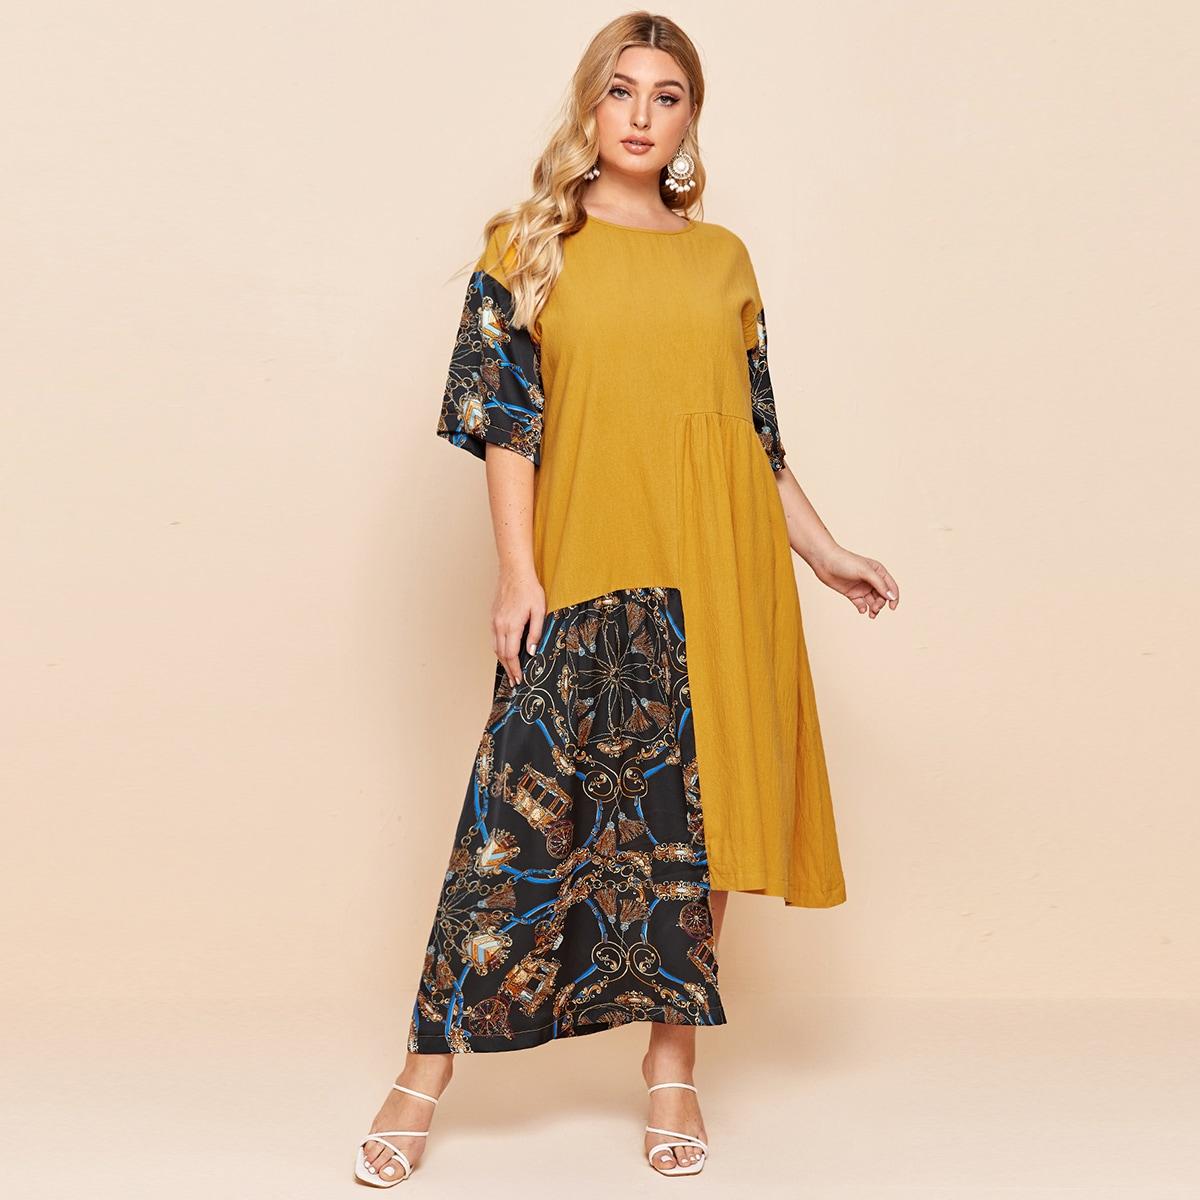 Горчично-желтый Асимметричный Графический принт Повседневный Платья размер плюс фото